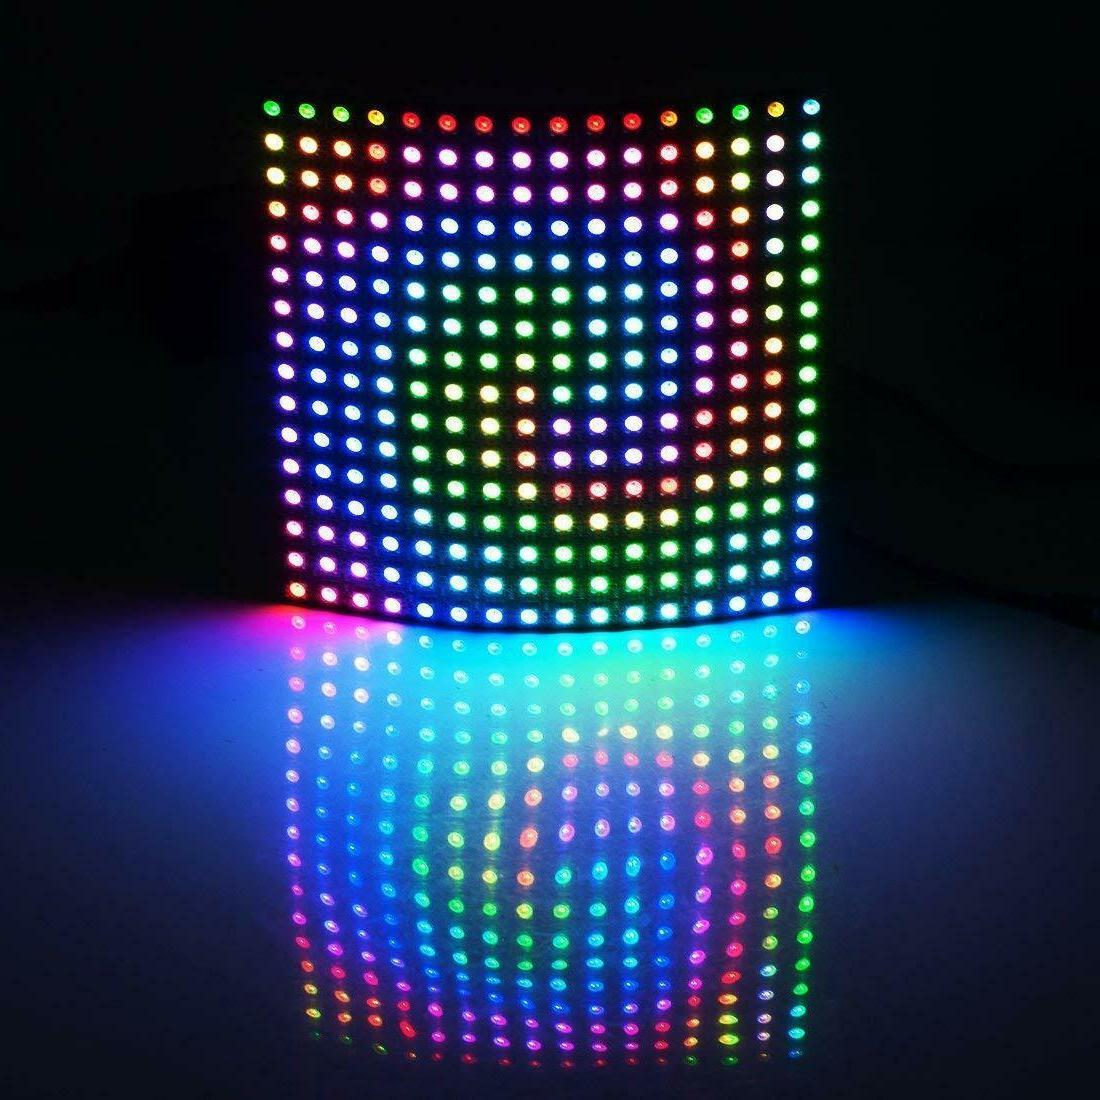 8x8 16x16 WS2812B 5050 Flexible LED Pixels Screen DC5V